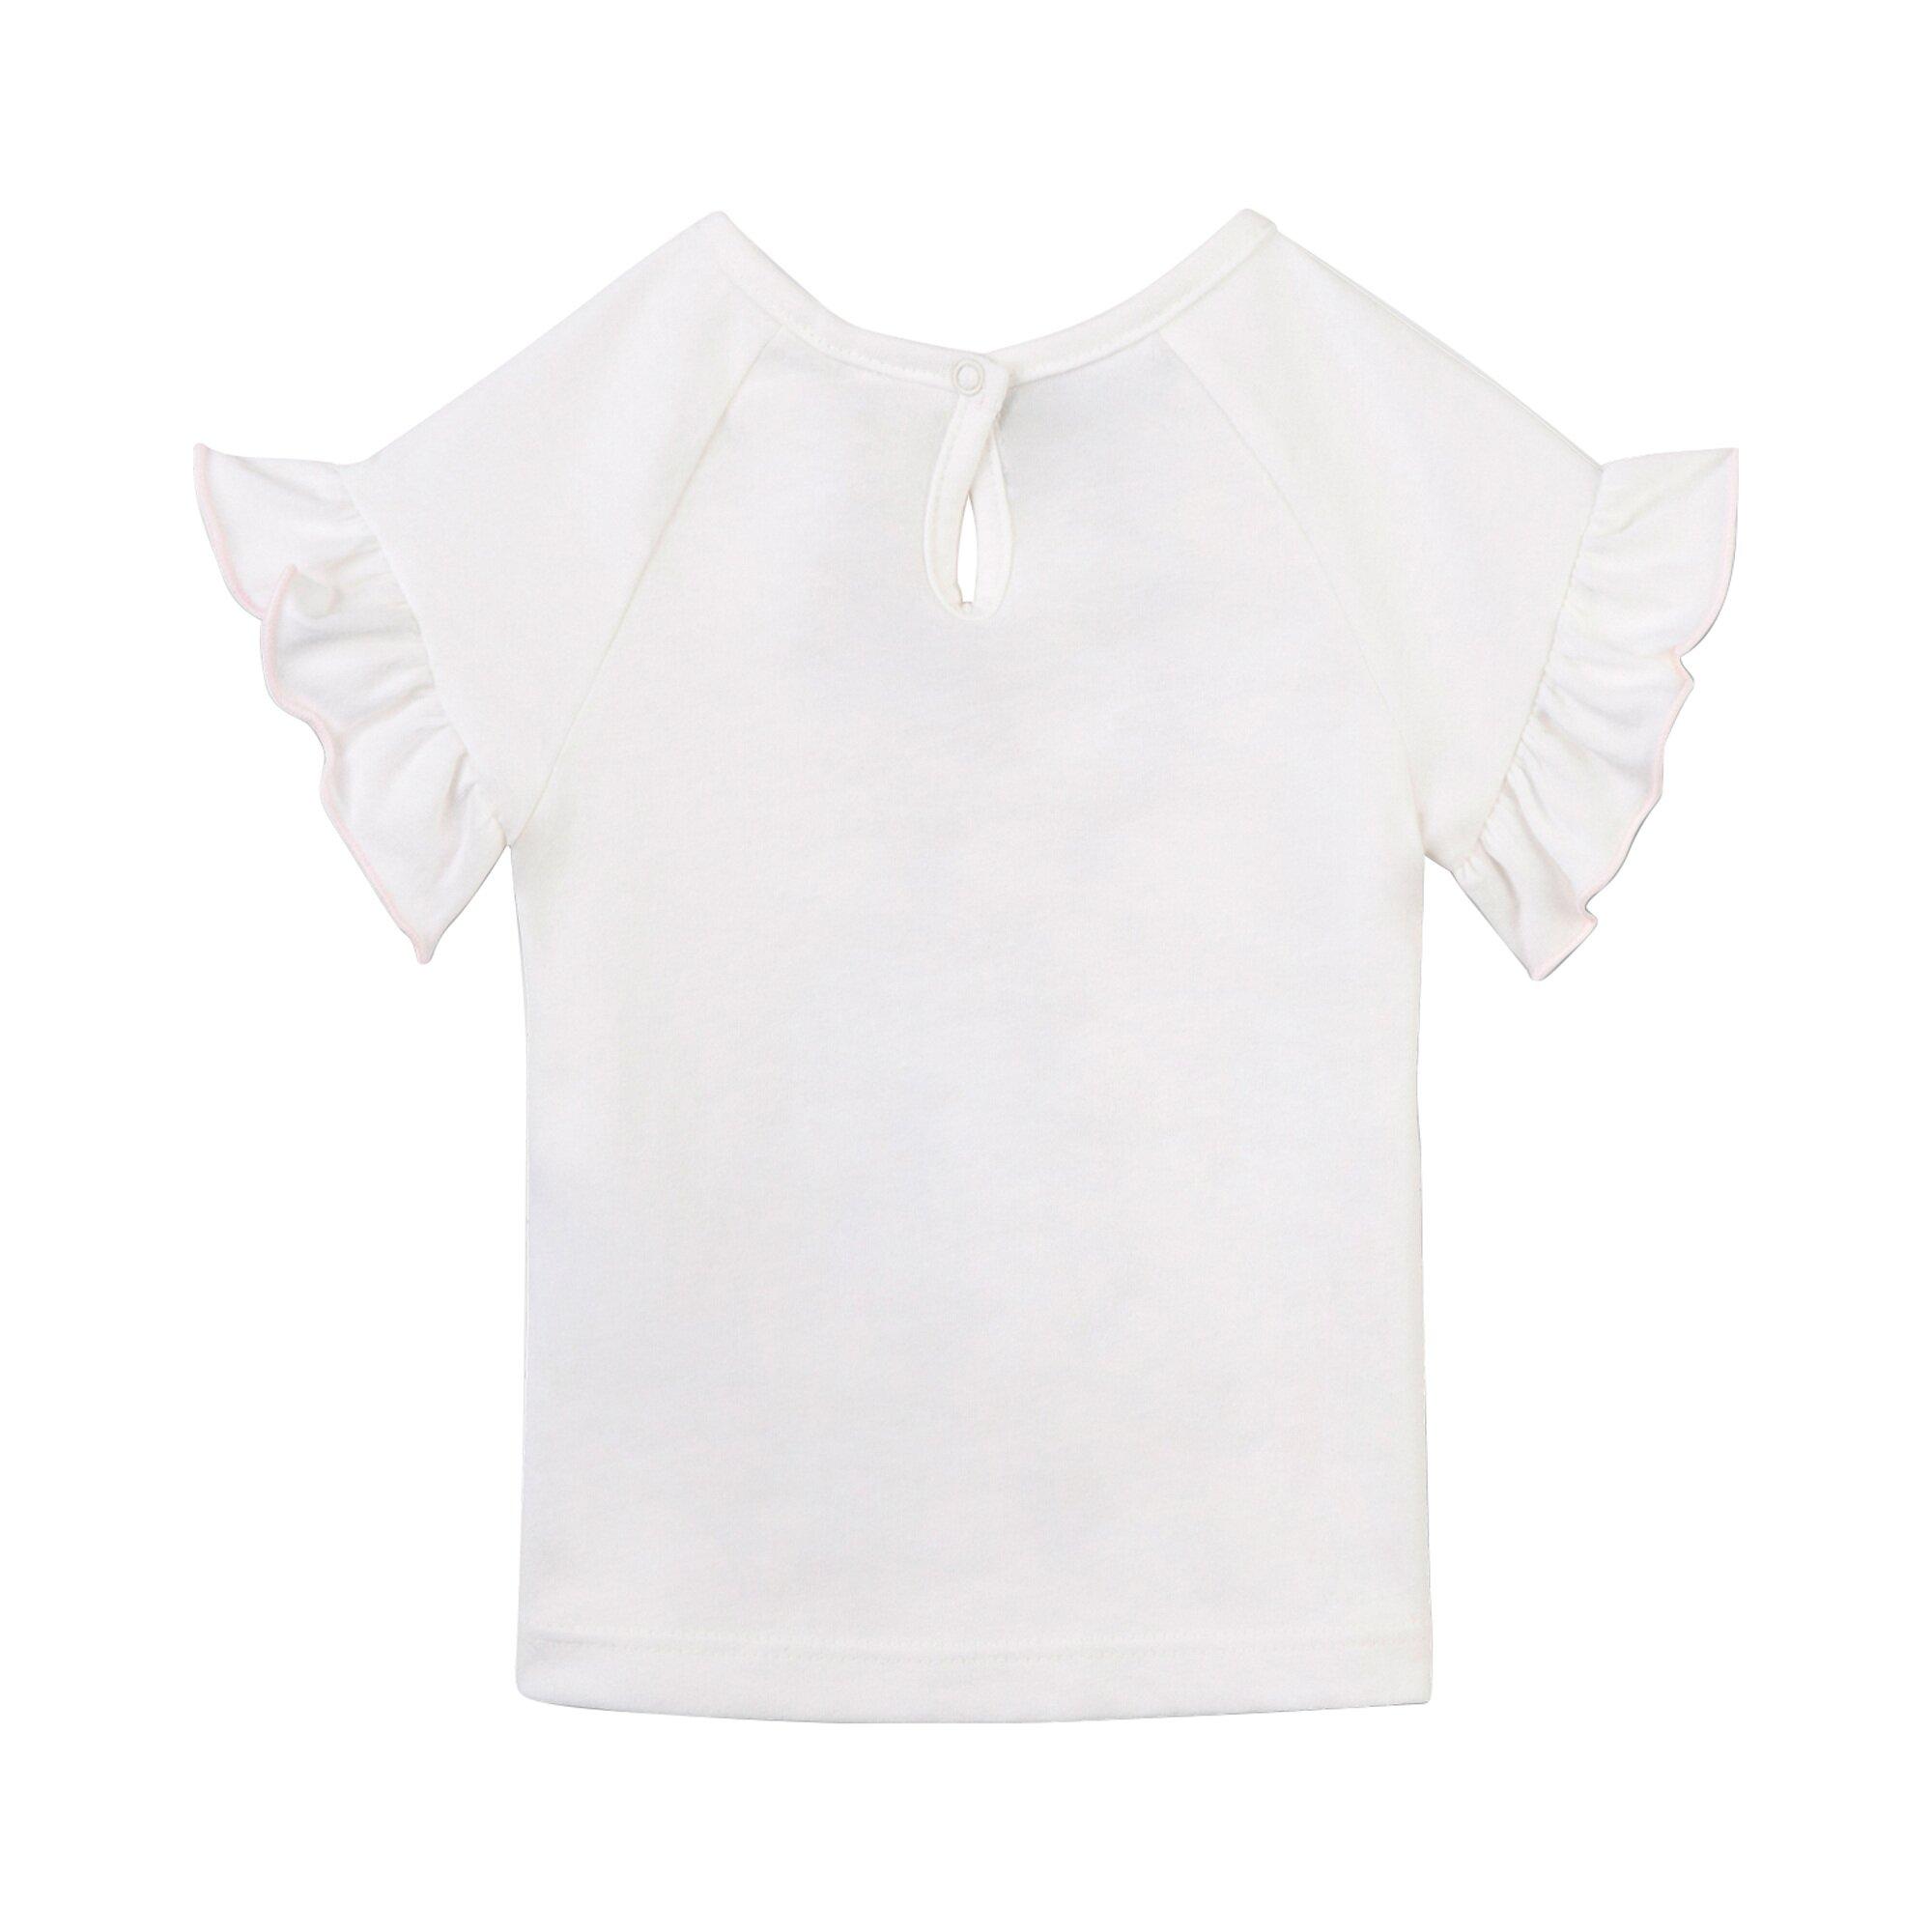 fiftyseven-t-shirt-herz